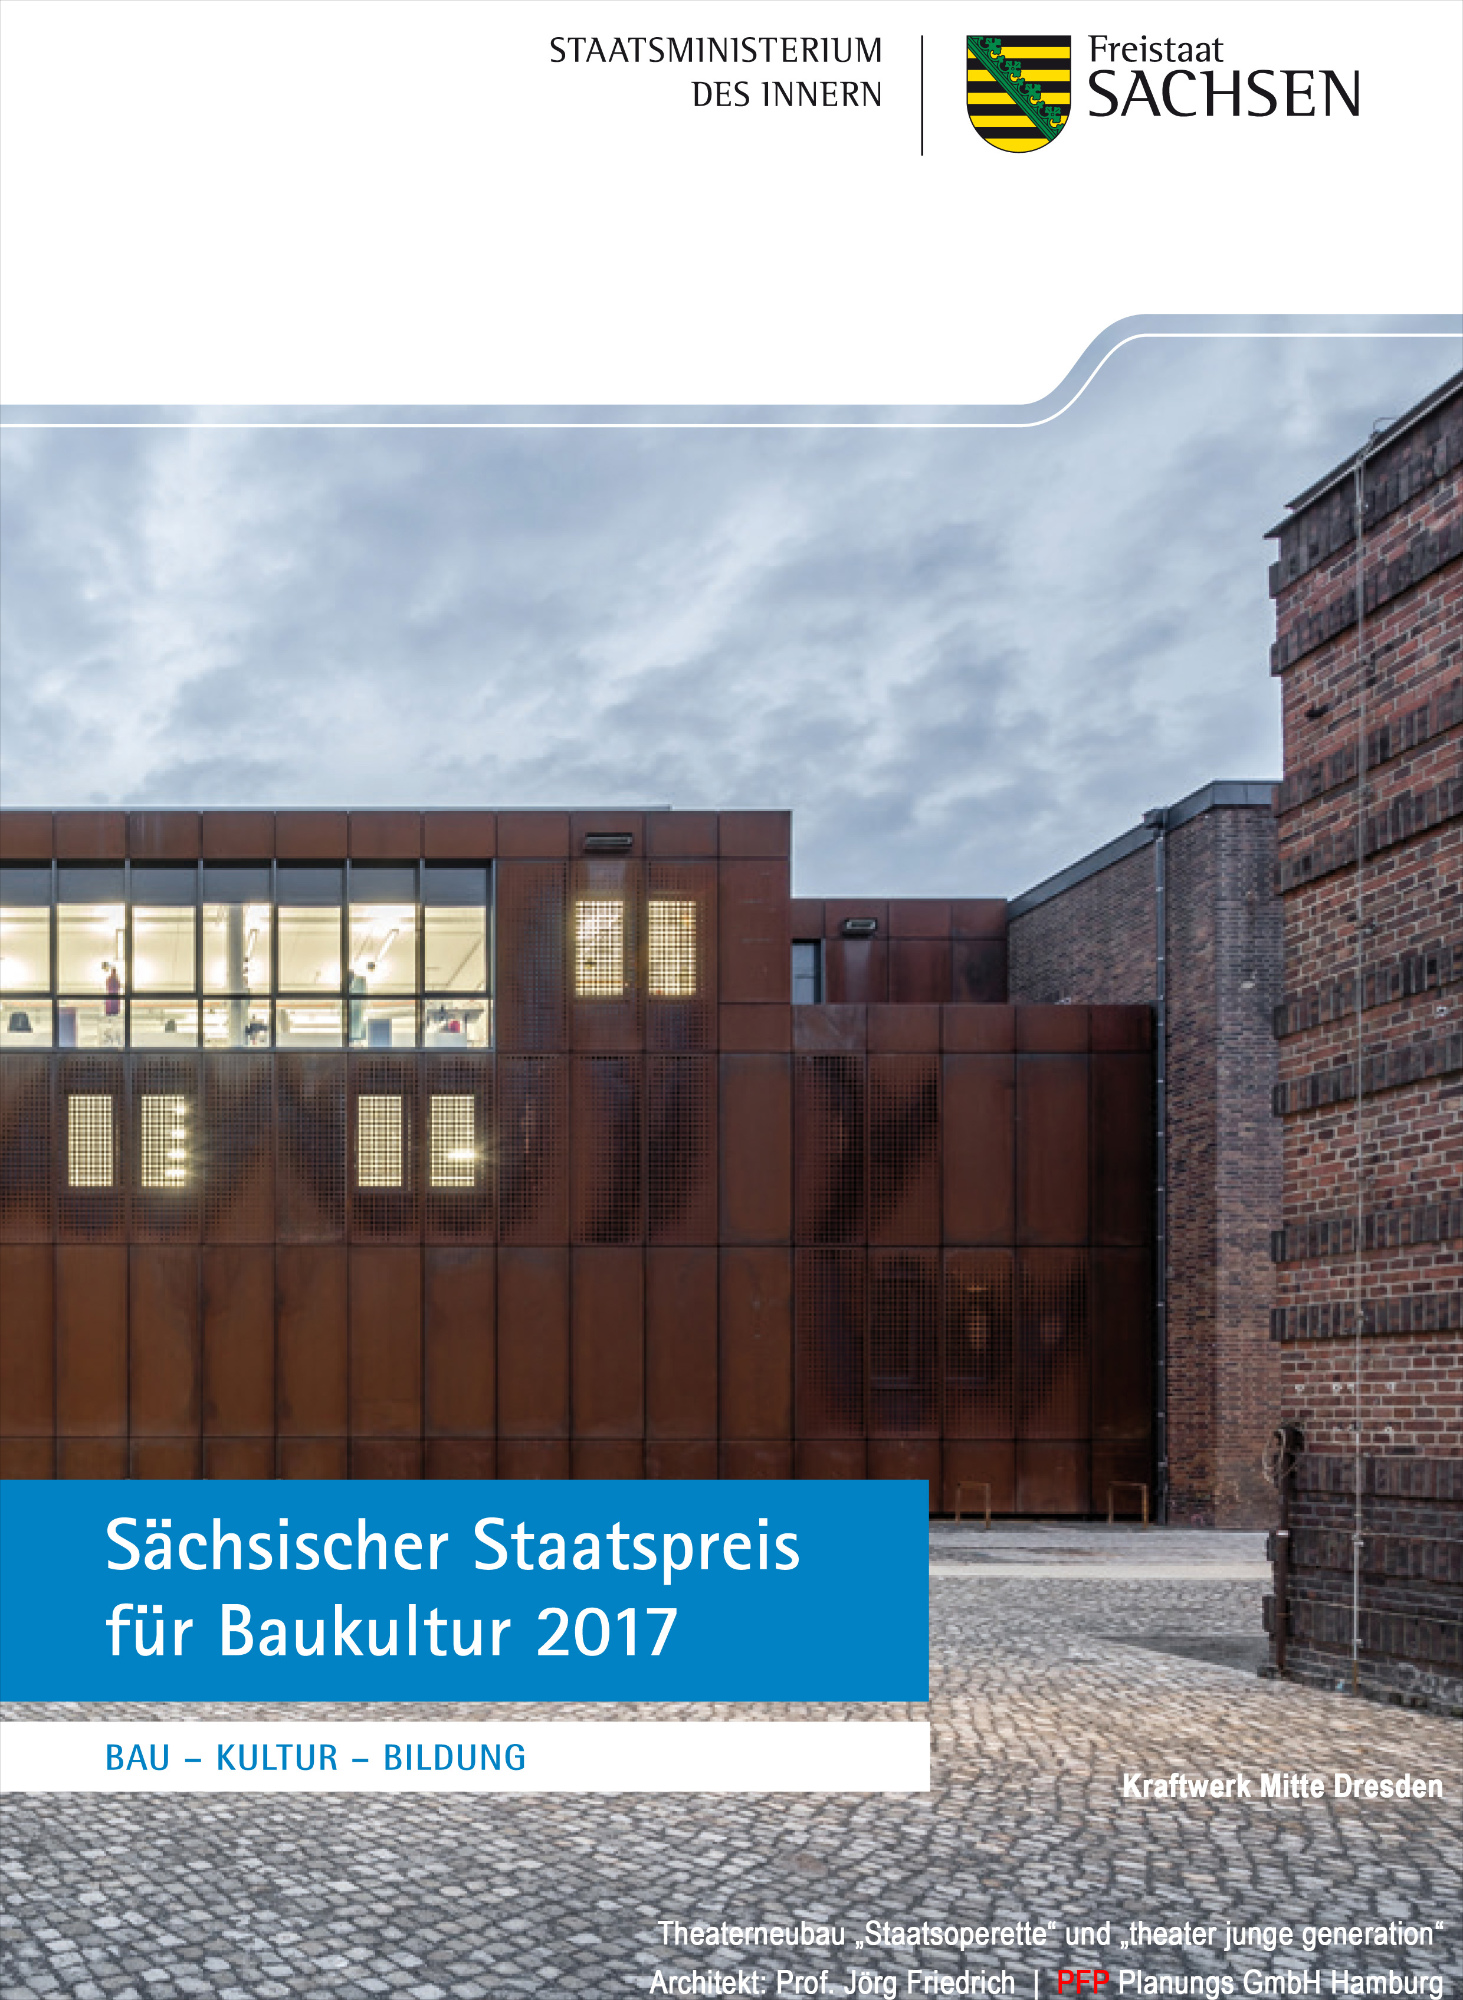 Sächsischer Staatspreis für Baukultur 2017